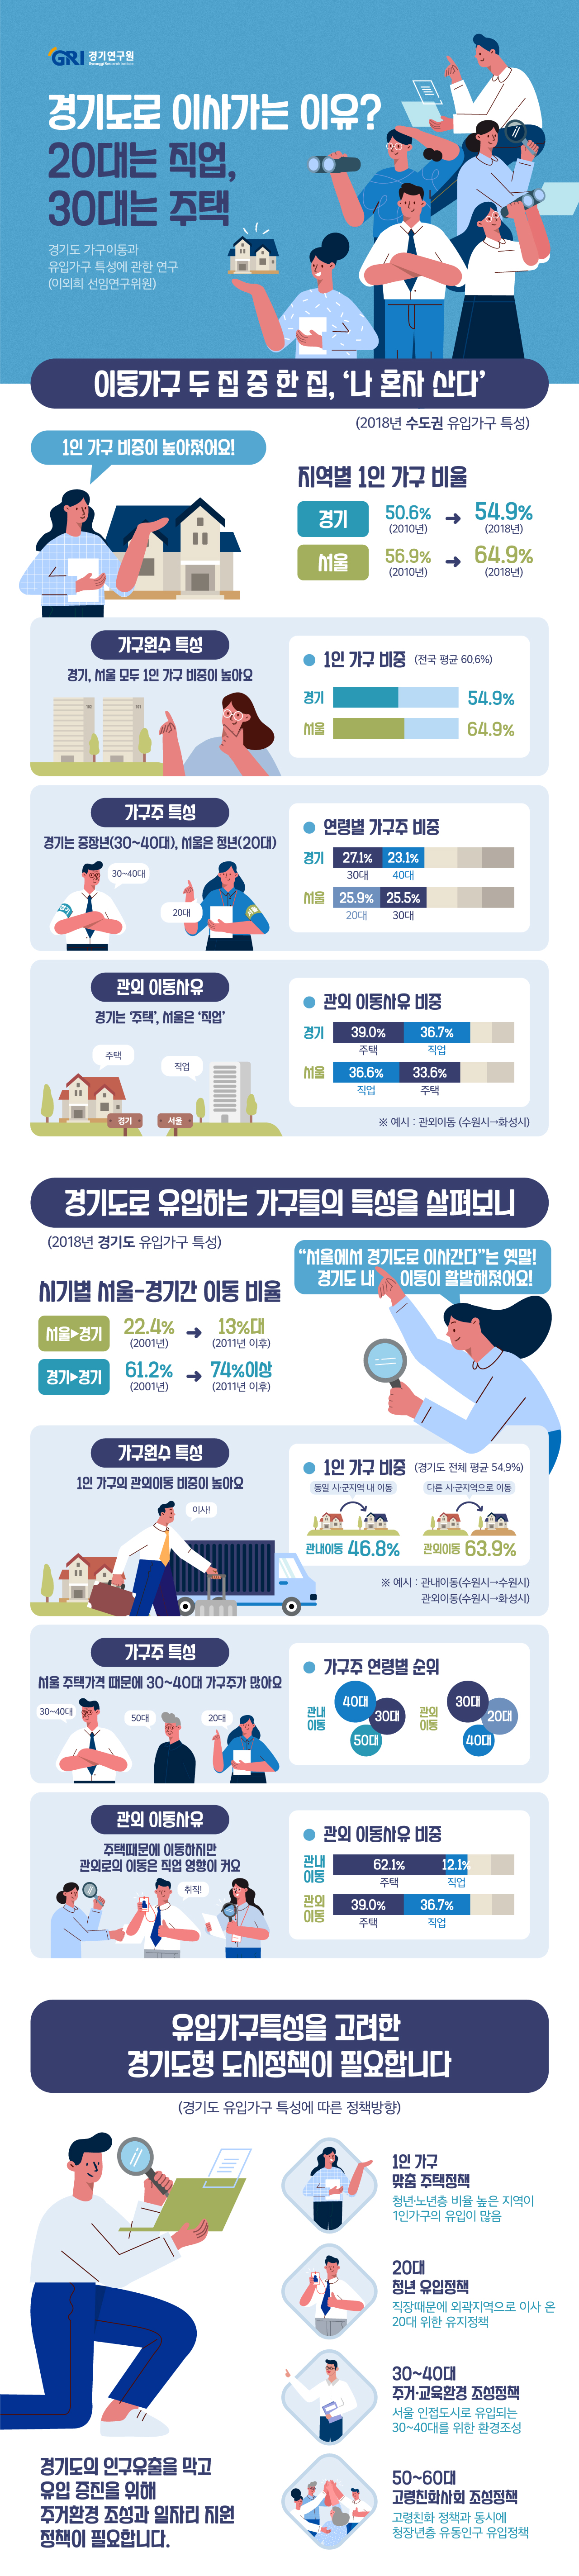 이동이 가구주와 가구구성원의 특성에 따라 주로 가구 단위로 결정되기 때문에 인구이동을 가구단위로 살펴보는 것이 중요하다. 가구나 인구의 이동 총량은 과거보다 감소하고 있으나 경기도는 여전히 순이동 수가 양(+)의 방향으로 나타나고 있다. 이는 서울에서의 유입이 주를 이루고 있기 때문으로, 당분간 이러한 기조는 계속될 것으로 예상된다. 본 연구에서는 수도권과 경기도 시군의 전출입 가구 특성, 수도권과 경기도 시군의 유입가구 특성을 중심으로 살펴보았다.  수도권은 비수도권과의 순이동 가구수가 2018년 기준 65,633가구로 이중 서울이 49,575가구, 경기도가 15,320가구, 인천이 738가구를 차지하고 있다. 수도권에서 수도권으로의 전입과 전출이 각각 89.2%, 91.9%로 약 90%대를 이루고 있으며 비수도권과는 약 10%의 전출입이 이루어지고 있다.  경기도는 과거보다 서울에서의 전출입이 감소하고 경기도 내에서의 이동이 보다 활발해지고 있다. 경기도 시군의 전출입 규모는 수원시, 성남시, 용인시, 고양시, 부천시의 대도시 중심으로 이루어지고 있으나, 최근 화성시 등 신도시 건설이 이루어진 지역에서 전입이 크게 증가하고 있다.  유입가구의 특성은 1인 가구의 이동비율이 높게 나타나 전국 평균은 60.6%, 서울이 64.9%이며, 경기는 이보다 낮은 54.9%를 보이고 있다. 유입가구주의 연령대를 살펴보면 전국의 경우 30대, 40대, 20대, 50대 순으로 나타나고 있다. 그러나 서울은 20대가 가장 비율이 커 청년층 가구의 이동이, 경기는 30대, 40대, 50대의 순으로 나타나 중장년층 가구의 이동이 많은 것을 알 수 있다. 이동사유로는 전국의 경우 주택, 직업, 가족, 교통 순으로, 1인 가구의 경우 주택의 비율이 상대적으로 낮고, 직업의 비율이 높게 나타나고 있다. 유입가구주의 연령별 이동사유를 살펴보면 20대의 경우 전국/서울/경기 모두 직업, 주택, 가족 또는 교육(서울) 순으로, 30대 이상은 주택, 직업, 가족, 교육 순으로 나타나고 있다. 연령대가 높아질수록 주택의 비율이 높아지고 직업의 비율이 낮아지고 있다. 관외 유입가구의 경우 1인가구 비율이 더 높고, 가구주 연령대는 더 낮으며, 이동사유로는 직업이 상대적으로 높게 나타났다.  경기도 시군별 유입가구 특성을 관외이동 중심으로 살펴보면 1인 가구의 경우 양적으로는 서울주변(김포시, 고양시, 남양주시, 성남시, 용인시)과 경기남부 서해안권역(안산시, 화성시, 평택시)이 많으나, 비율은 경기도 외곽지역이 높은 것이 특징이다. 경기도 관외 유입가구주의 연령대 비율은 30대, 20대, 40대, 50대 순이다. 그러나 이와 달리 20대가 1순위로 나타나는 시군은 수원시, 안산시, 이천시, 안성시, 포천시, 연천군이며, 50대가 1순위로 나타나는 시군은 가평군, 양평군, 여주시가 해당된다. 관외 이동사유로는 주택, 직업, 가족, 교통, 교육 순이나 직업이 1순위로 나타나는 시군은 13개 시군이 해당된다. 이중 연천군이 65.3%로 가장 높고, 이천시, 평택시가 60%를 보이고 있다. 직업의 경우 양적 규모에서는 경기남부의 서해안권역(화성시, 평택시, 오산시, 수원시, 성남시, 용인시) 중심으로 높게 나타나나, 비율은 경기 북부와 남부 외곽(연천군, 포천시, 평택시, 안성시, 이천시) 중심으로 높게 나타나고 있다.  이러한 유입가구의 특성을 바탕으로 도시정책에 대한 시사점을 지역과 관련지어 제시하였다. 즉, 이동이 많은 1인 가구를 고려한 주택정책, 20대 이동사유를 고려한 젊은 층 유입을 위한 정책, 서울 인접도시의 30~40대 유입 특성을 반영한 주거 및 교육환경 조성, 50~60대 이상의 고령가구비율이 높은 지역의 고령친화사회 조성을 제안하였다. 또한 장기적, 광역적 관점에서는 인구감소에 대비하여 지역적 특성을 고려한 2중적인 전략, 전입과 전출패턴을 고려한 광역생활권 형성에 대해 제안을 하였다.